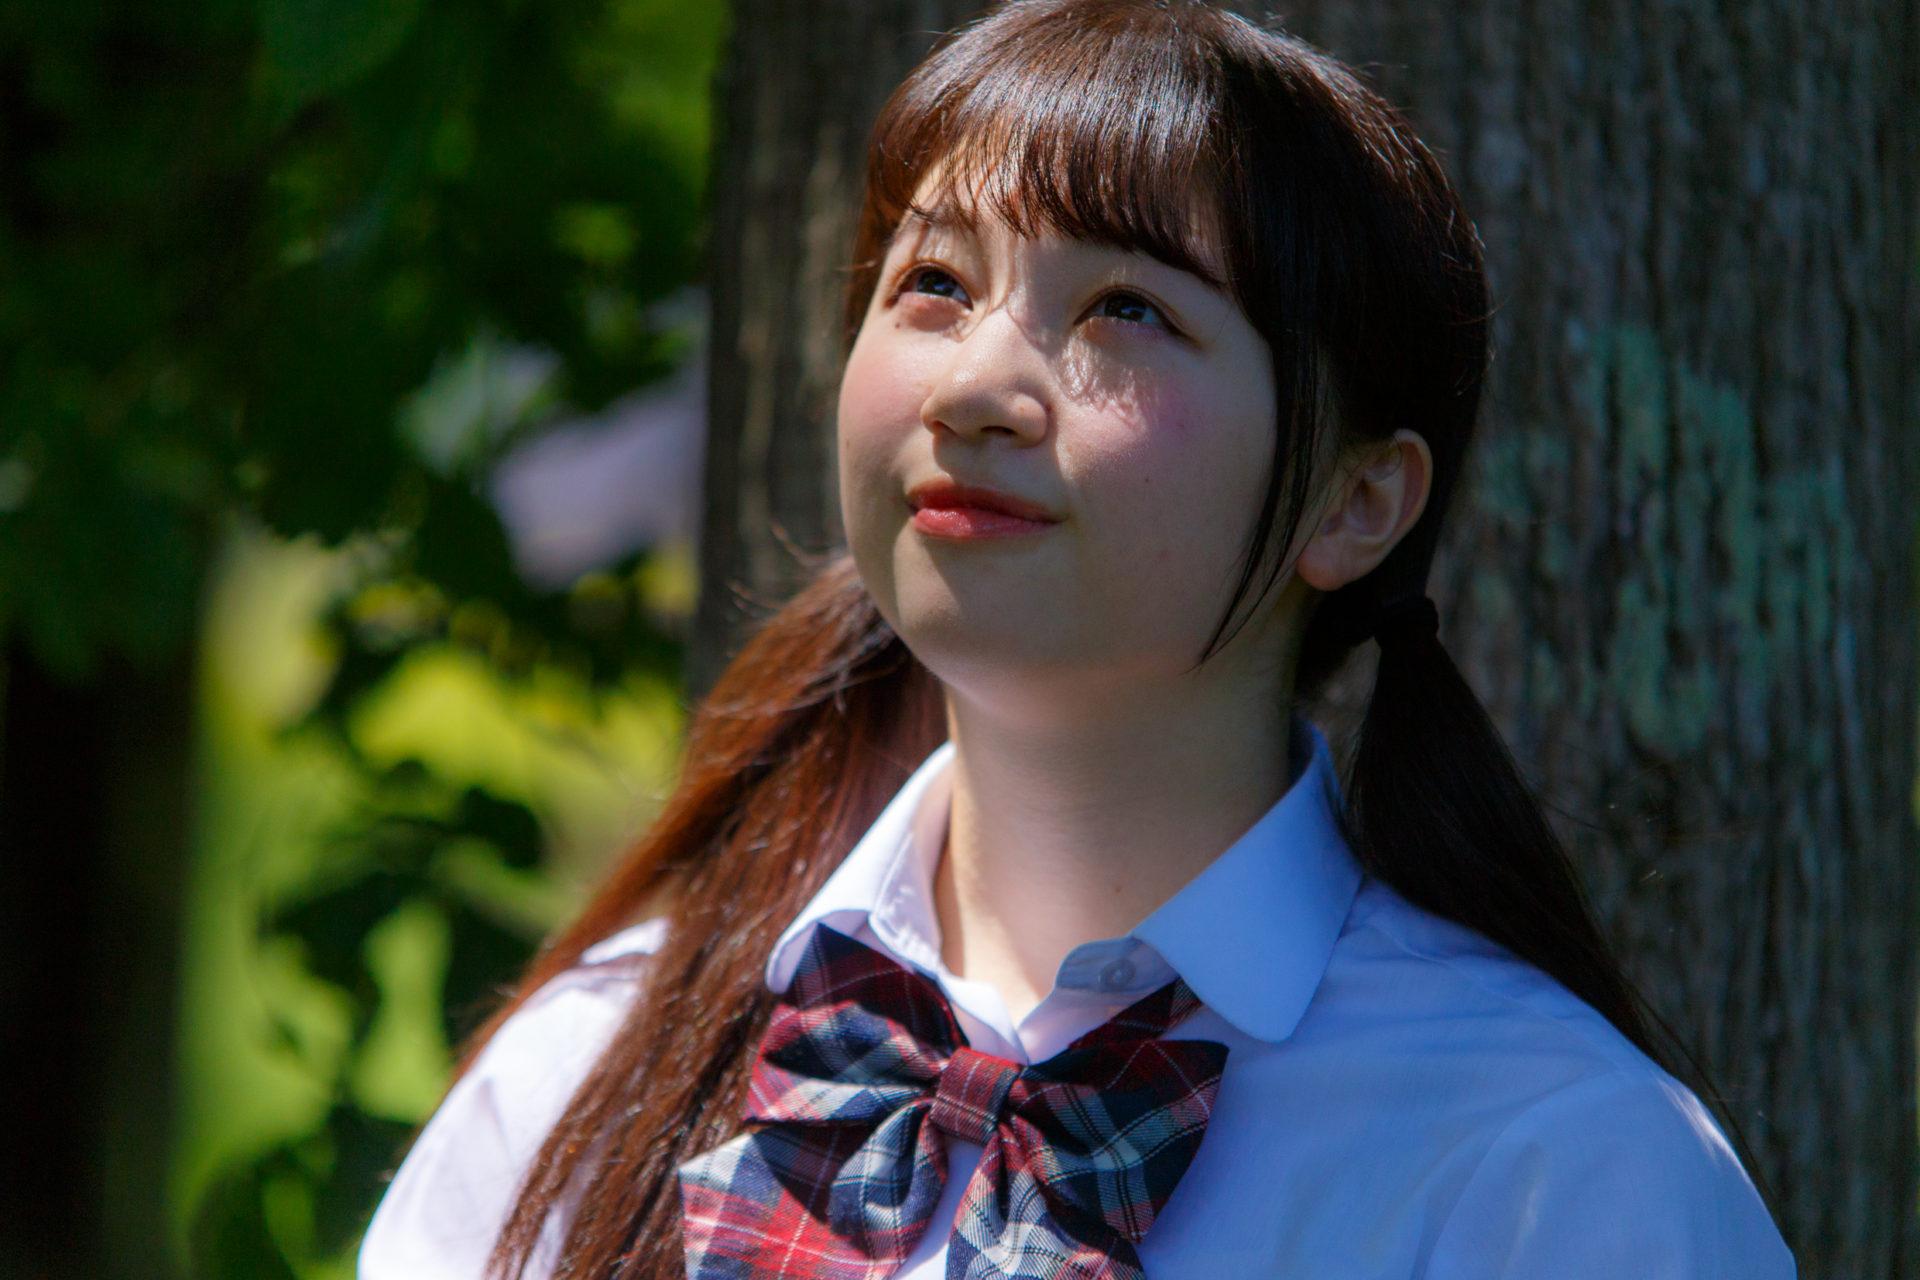 2代目HAPPY少女♪ きょうか ( 山田京佳 ) | モデルプロ撮影会 in 百合が原公園